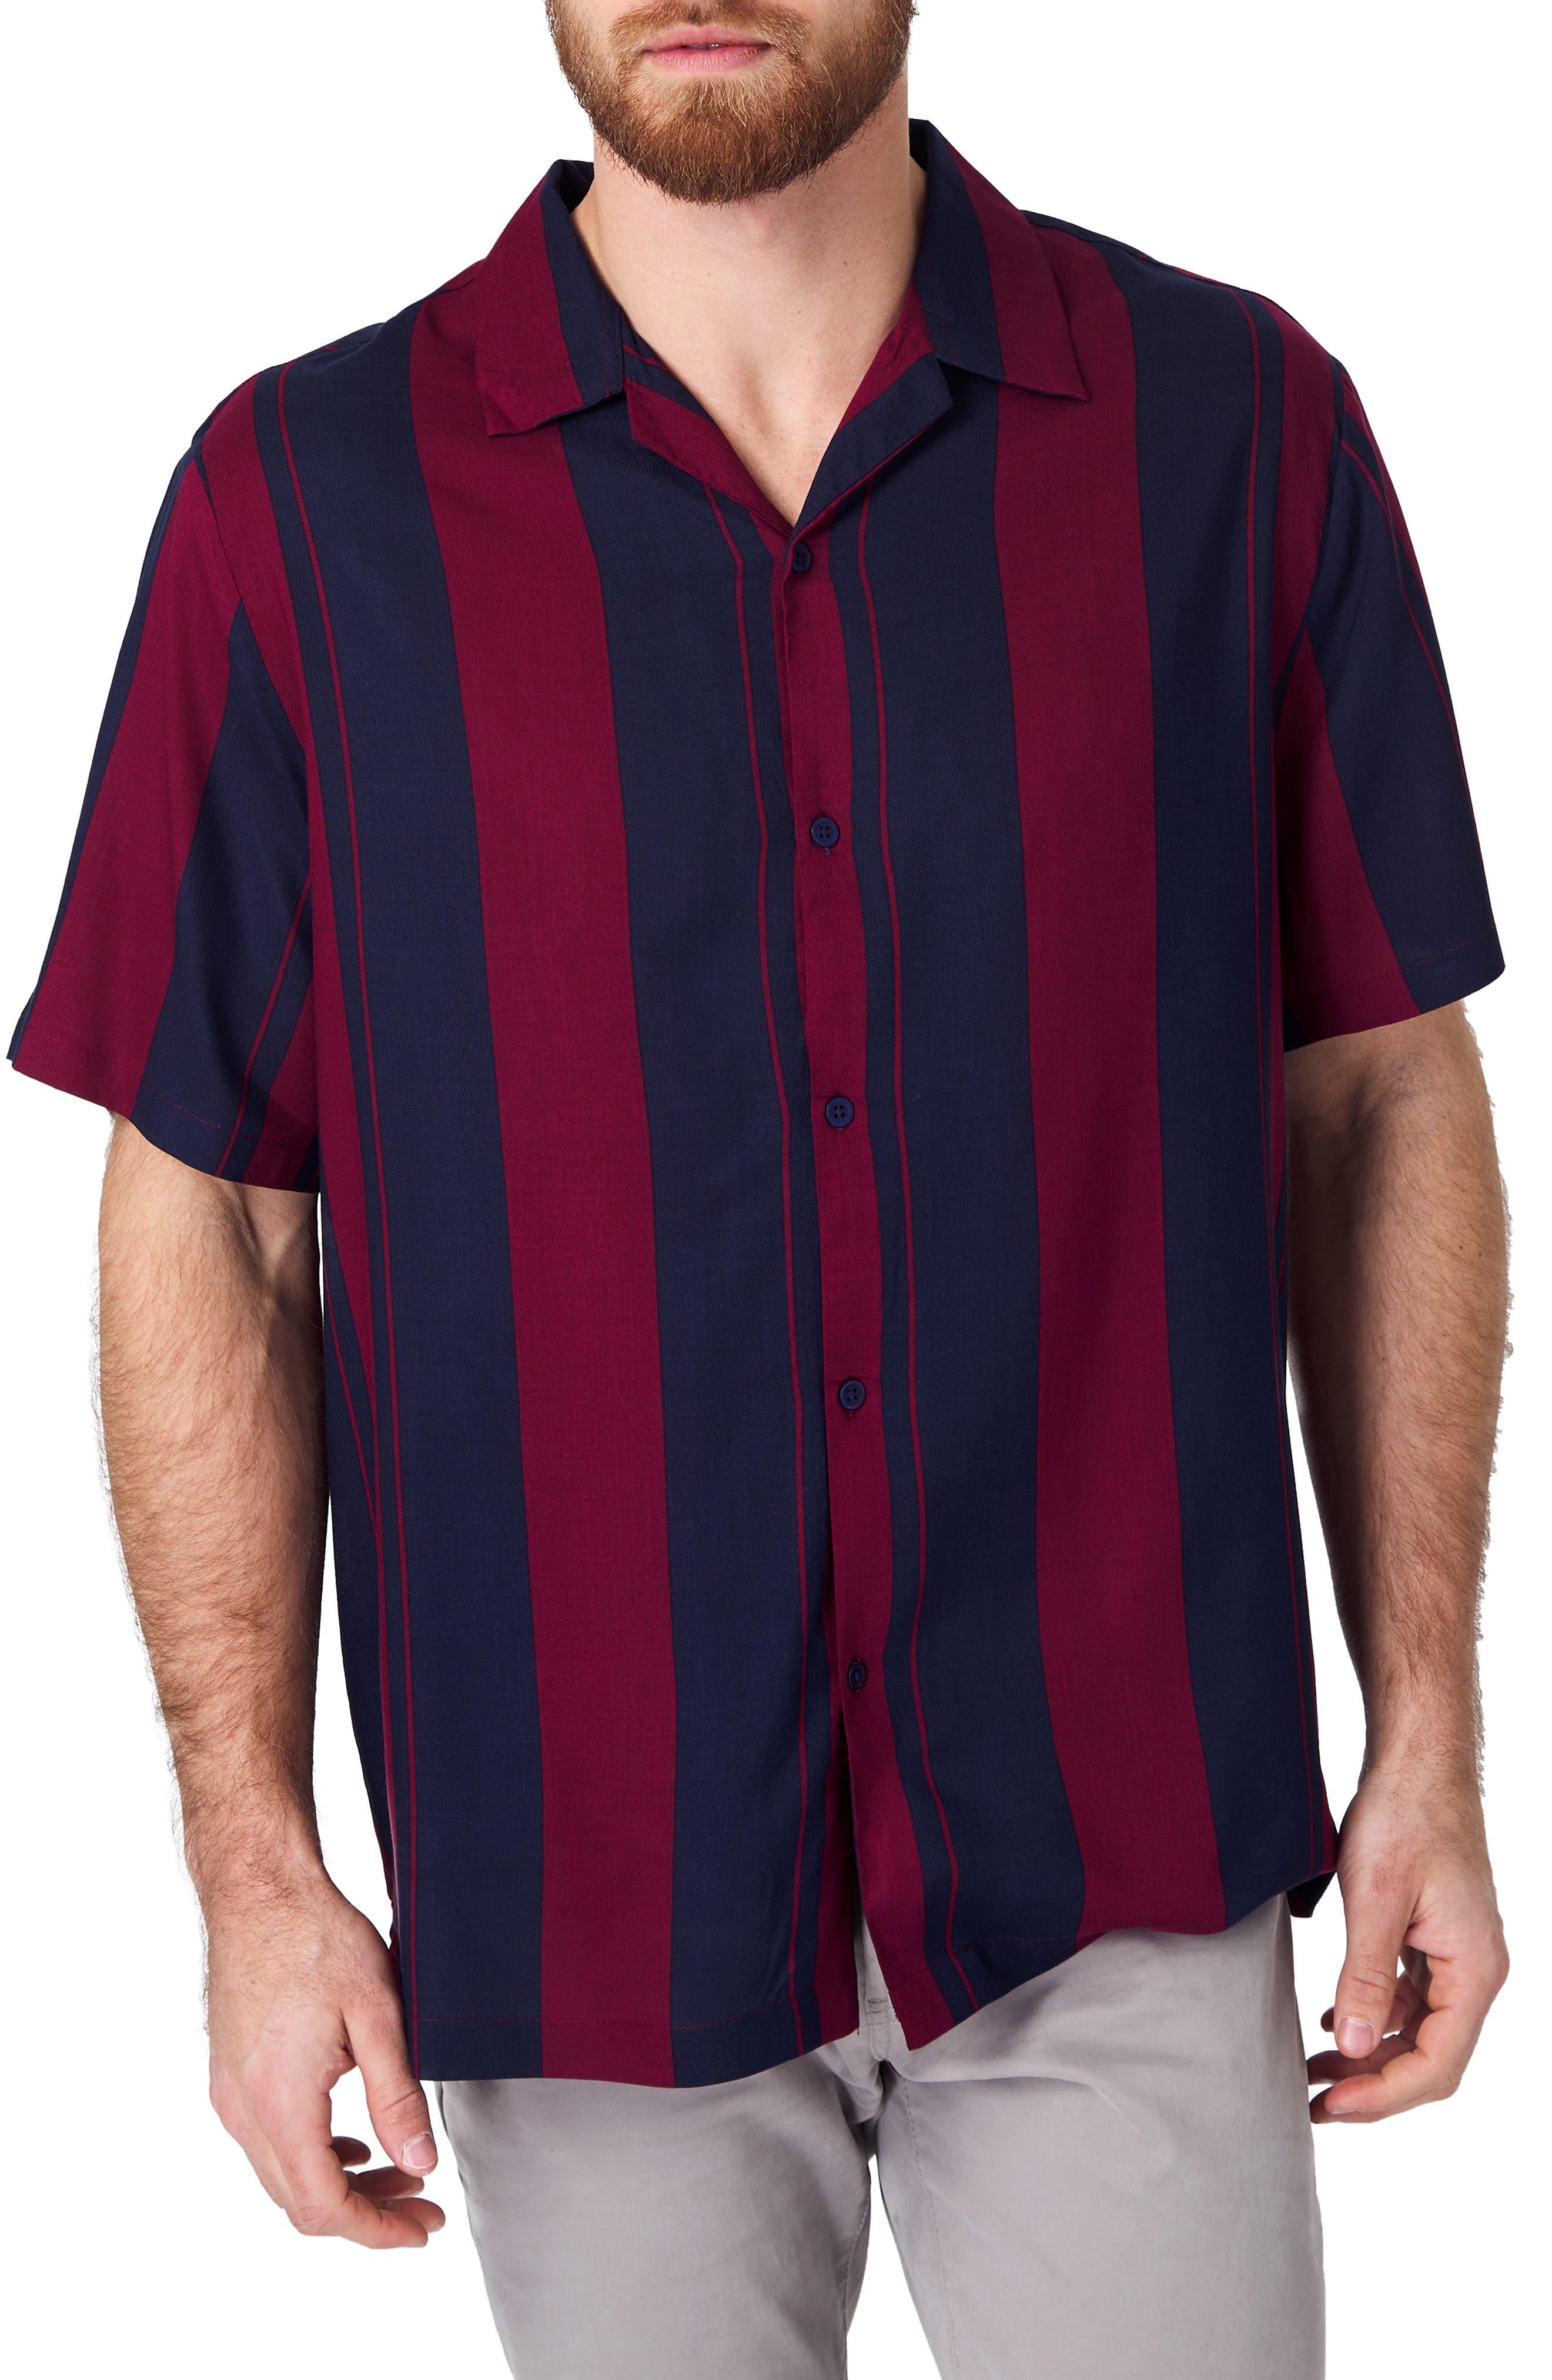 1950s Men's Clothing Mens 7 Diamonds All Shook Up Slim Fit Stripe Camp Shirt $69.00 AT vintagedancer.com